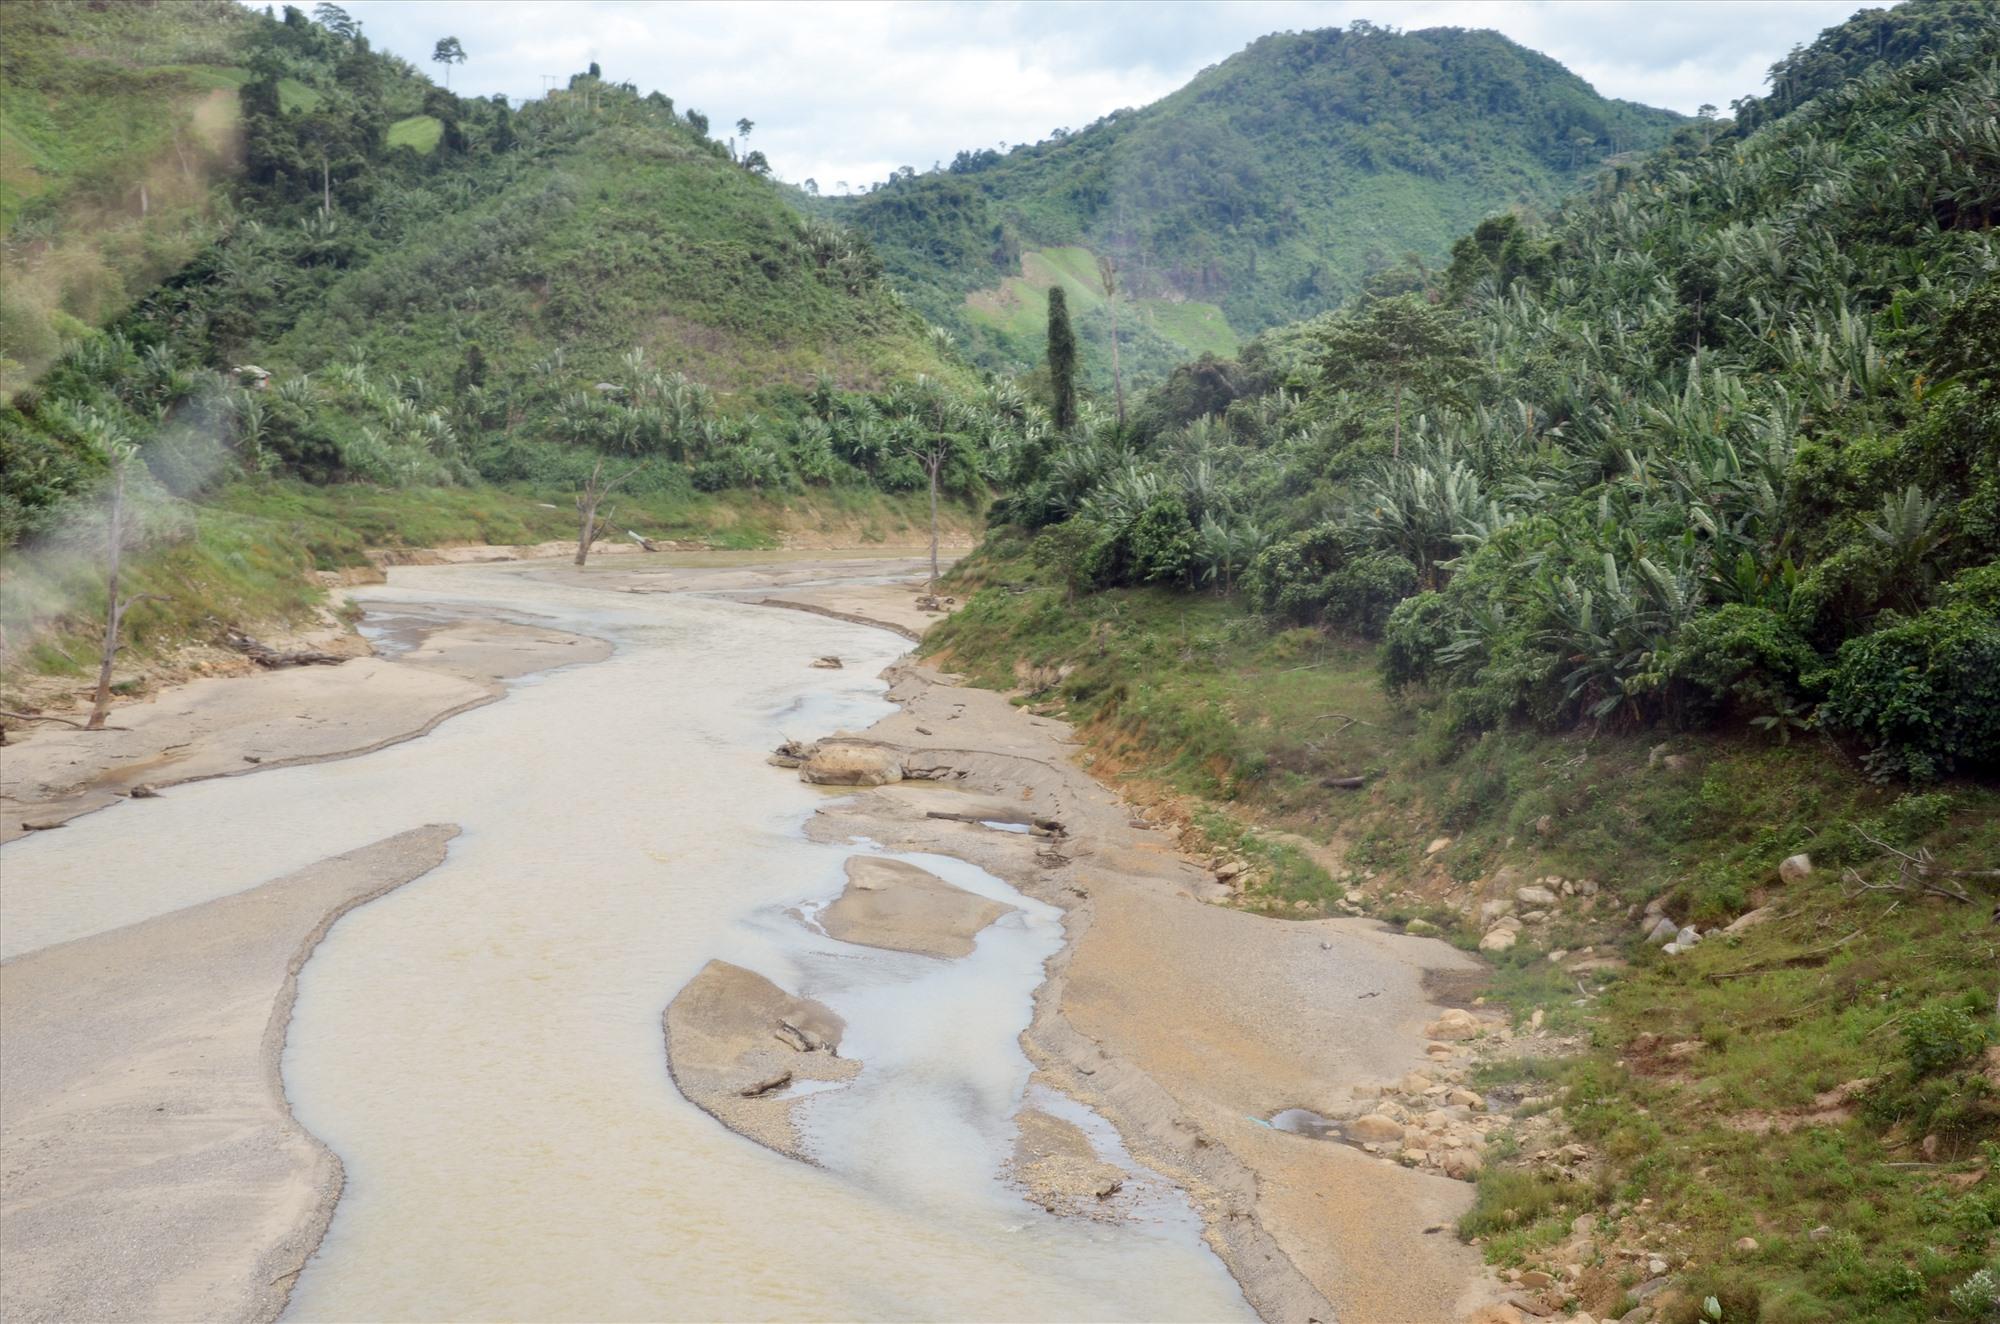 Cạn kiệt nguồn nước các dòng sông trên lưu vực sông Vu Gia - Thu Bồn. Ảnh: H.P